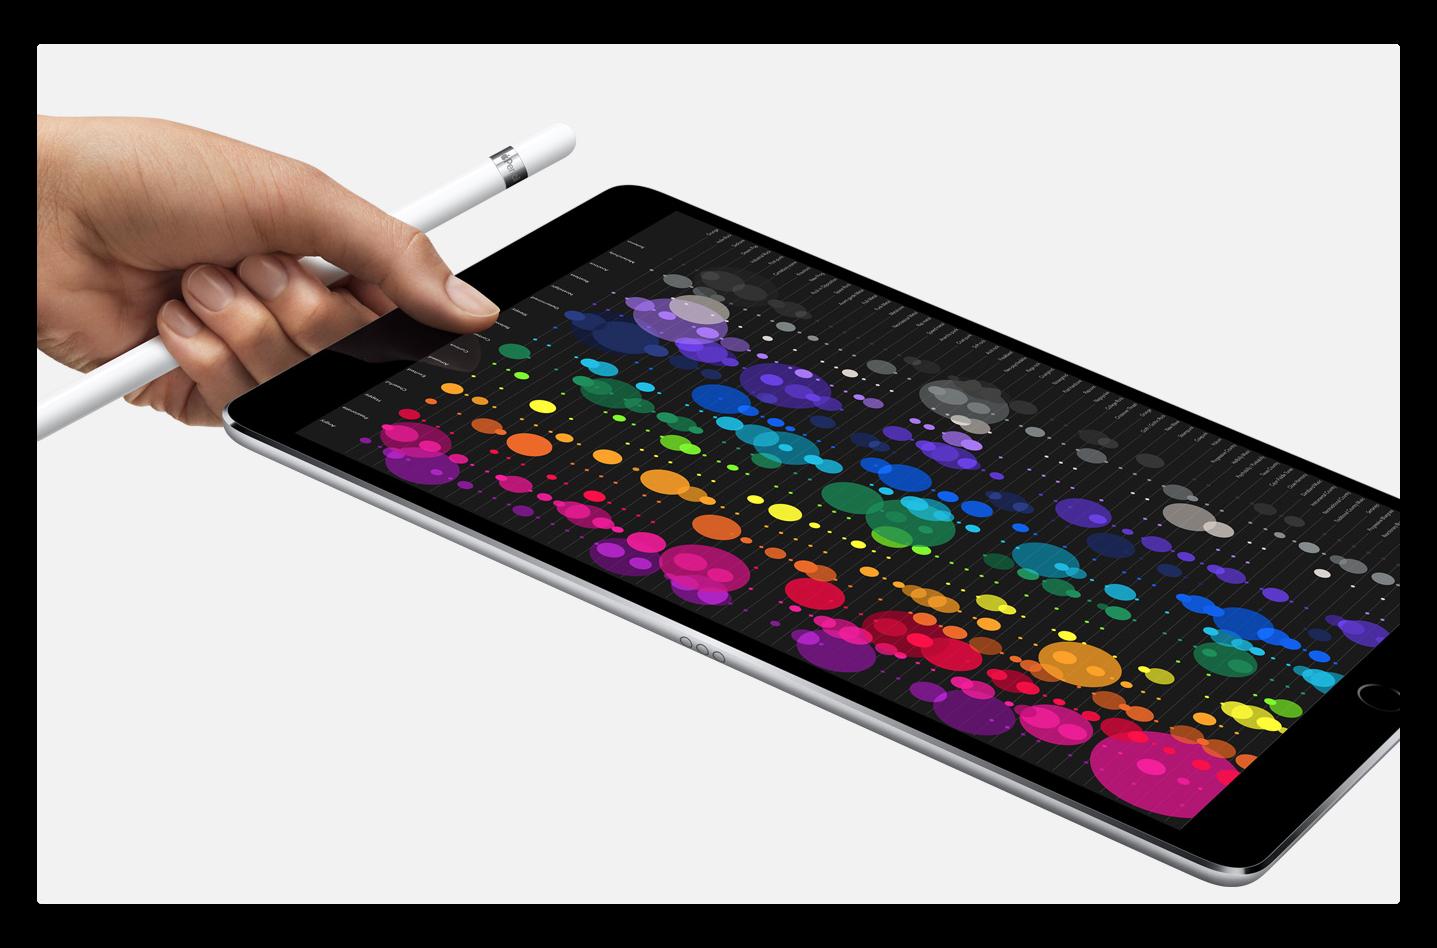 世界のタブレットマーケットは2018Q2に13.5%減少、iPadは増加